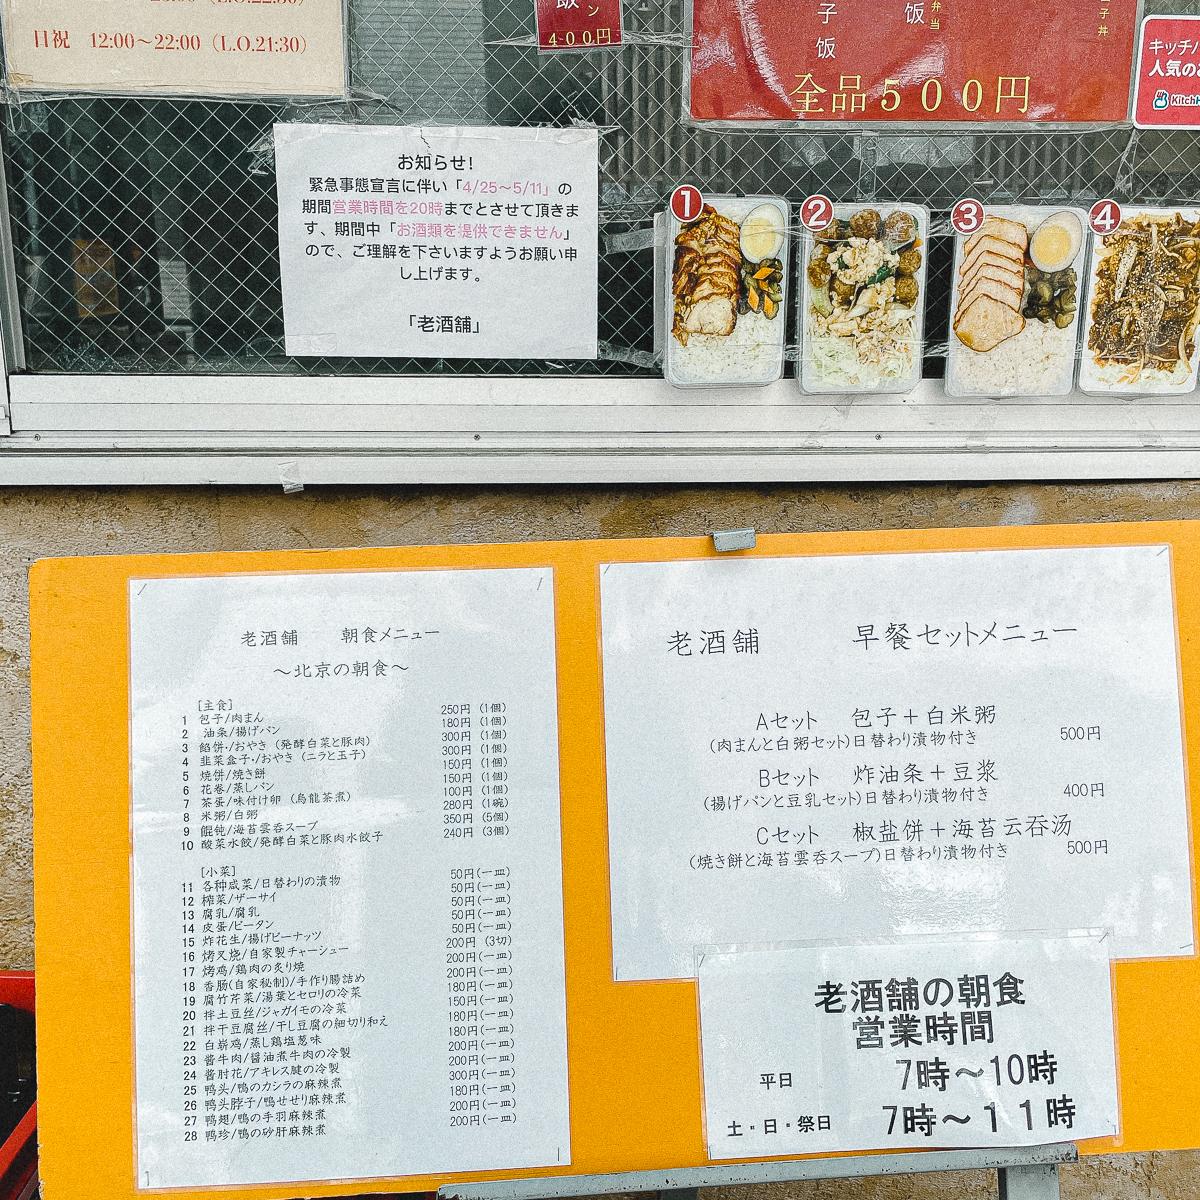 御徒町 モーニング 老酒舗 肉まん 粥 朝 メニュー 上野 ろうしゅほ 味坊